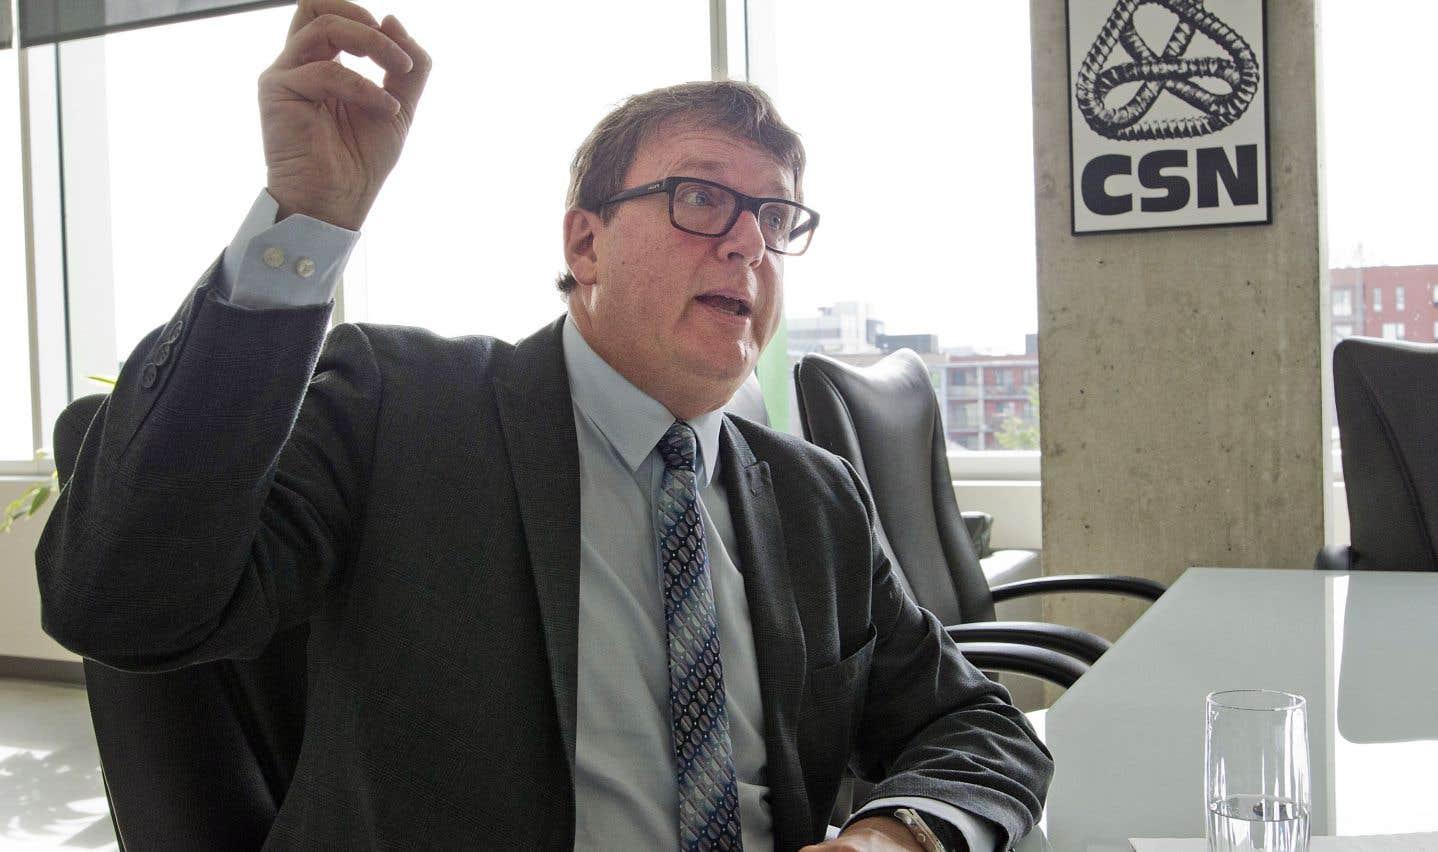 Le président de la CSN, Jacques Létourneau, s'inquiète de la disparité des services de garde au Québec.